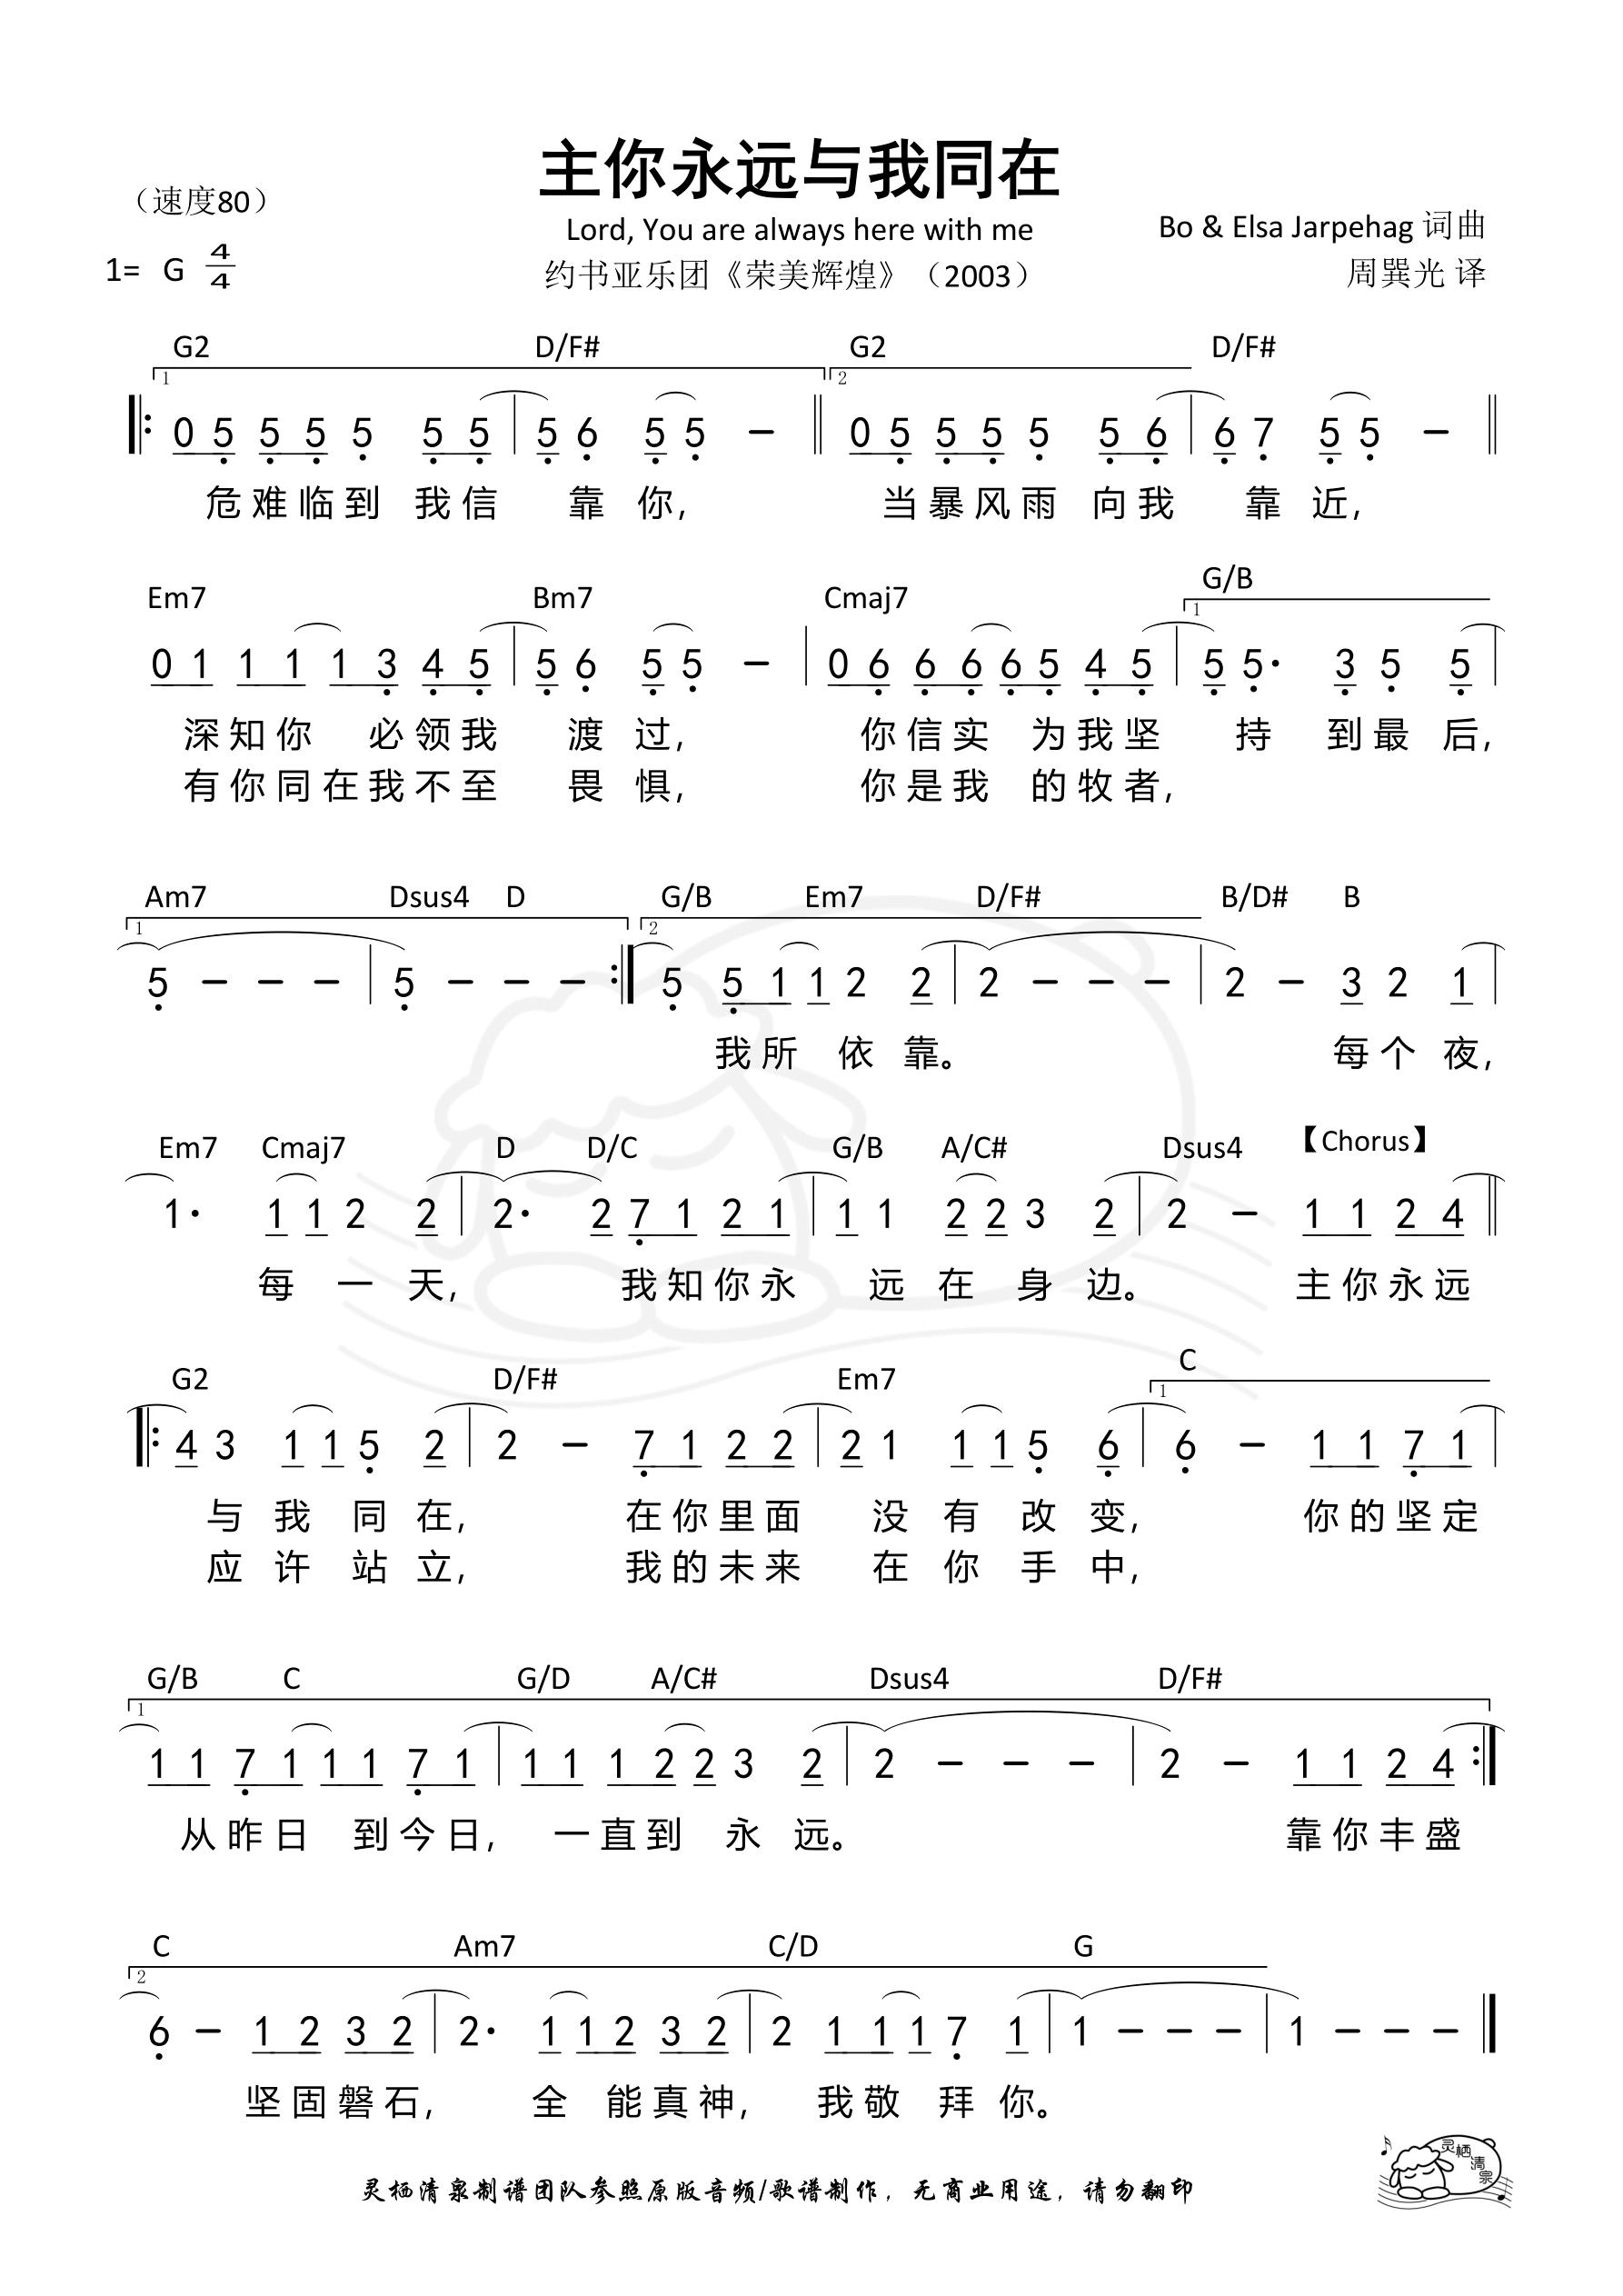 《第14首 - 主你永远与我同在 和弦简谱》